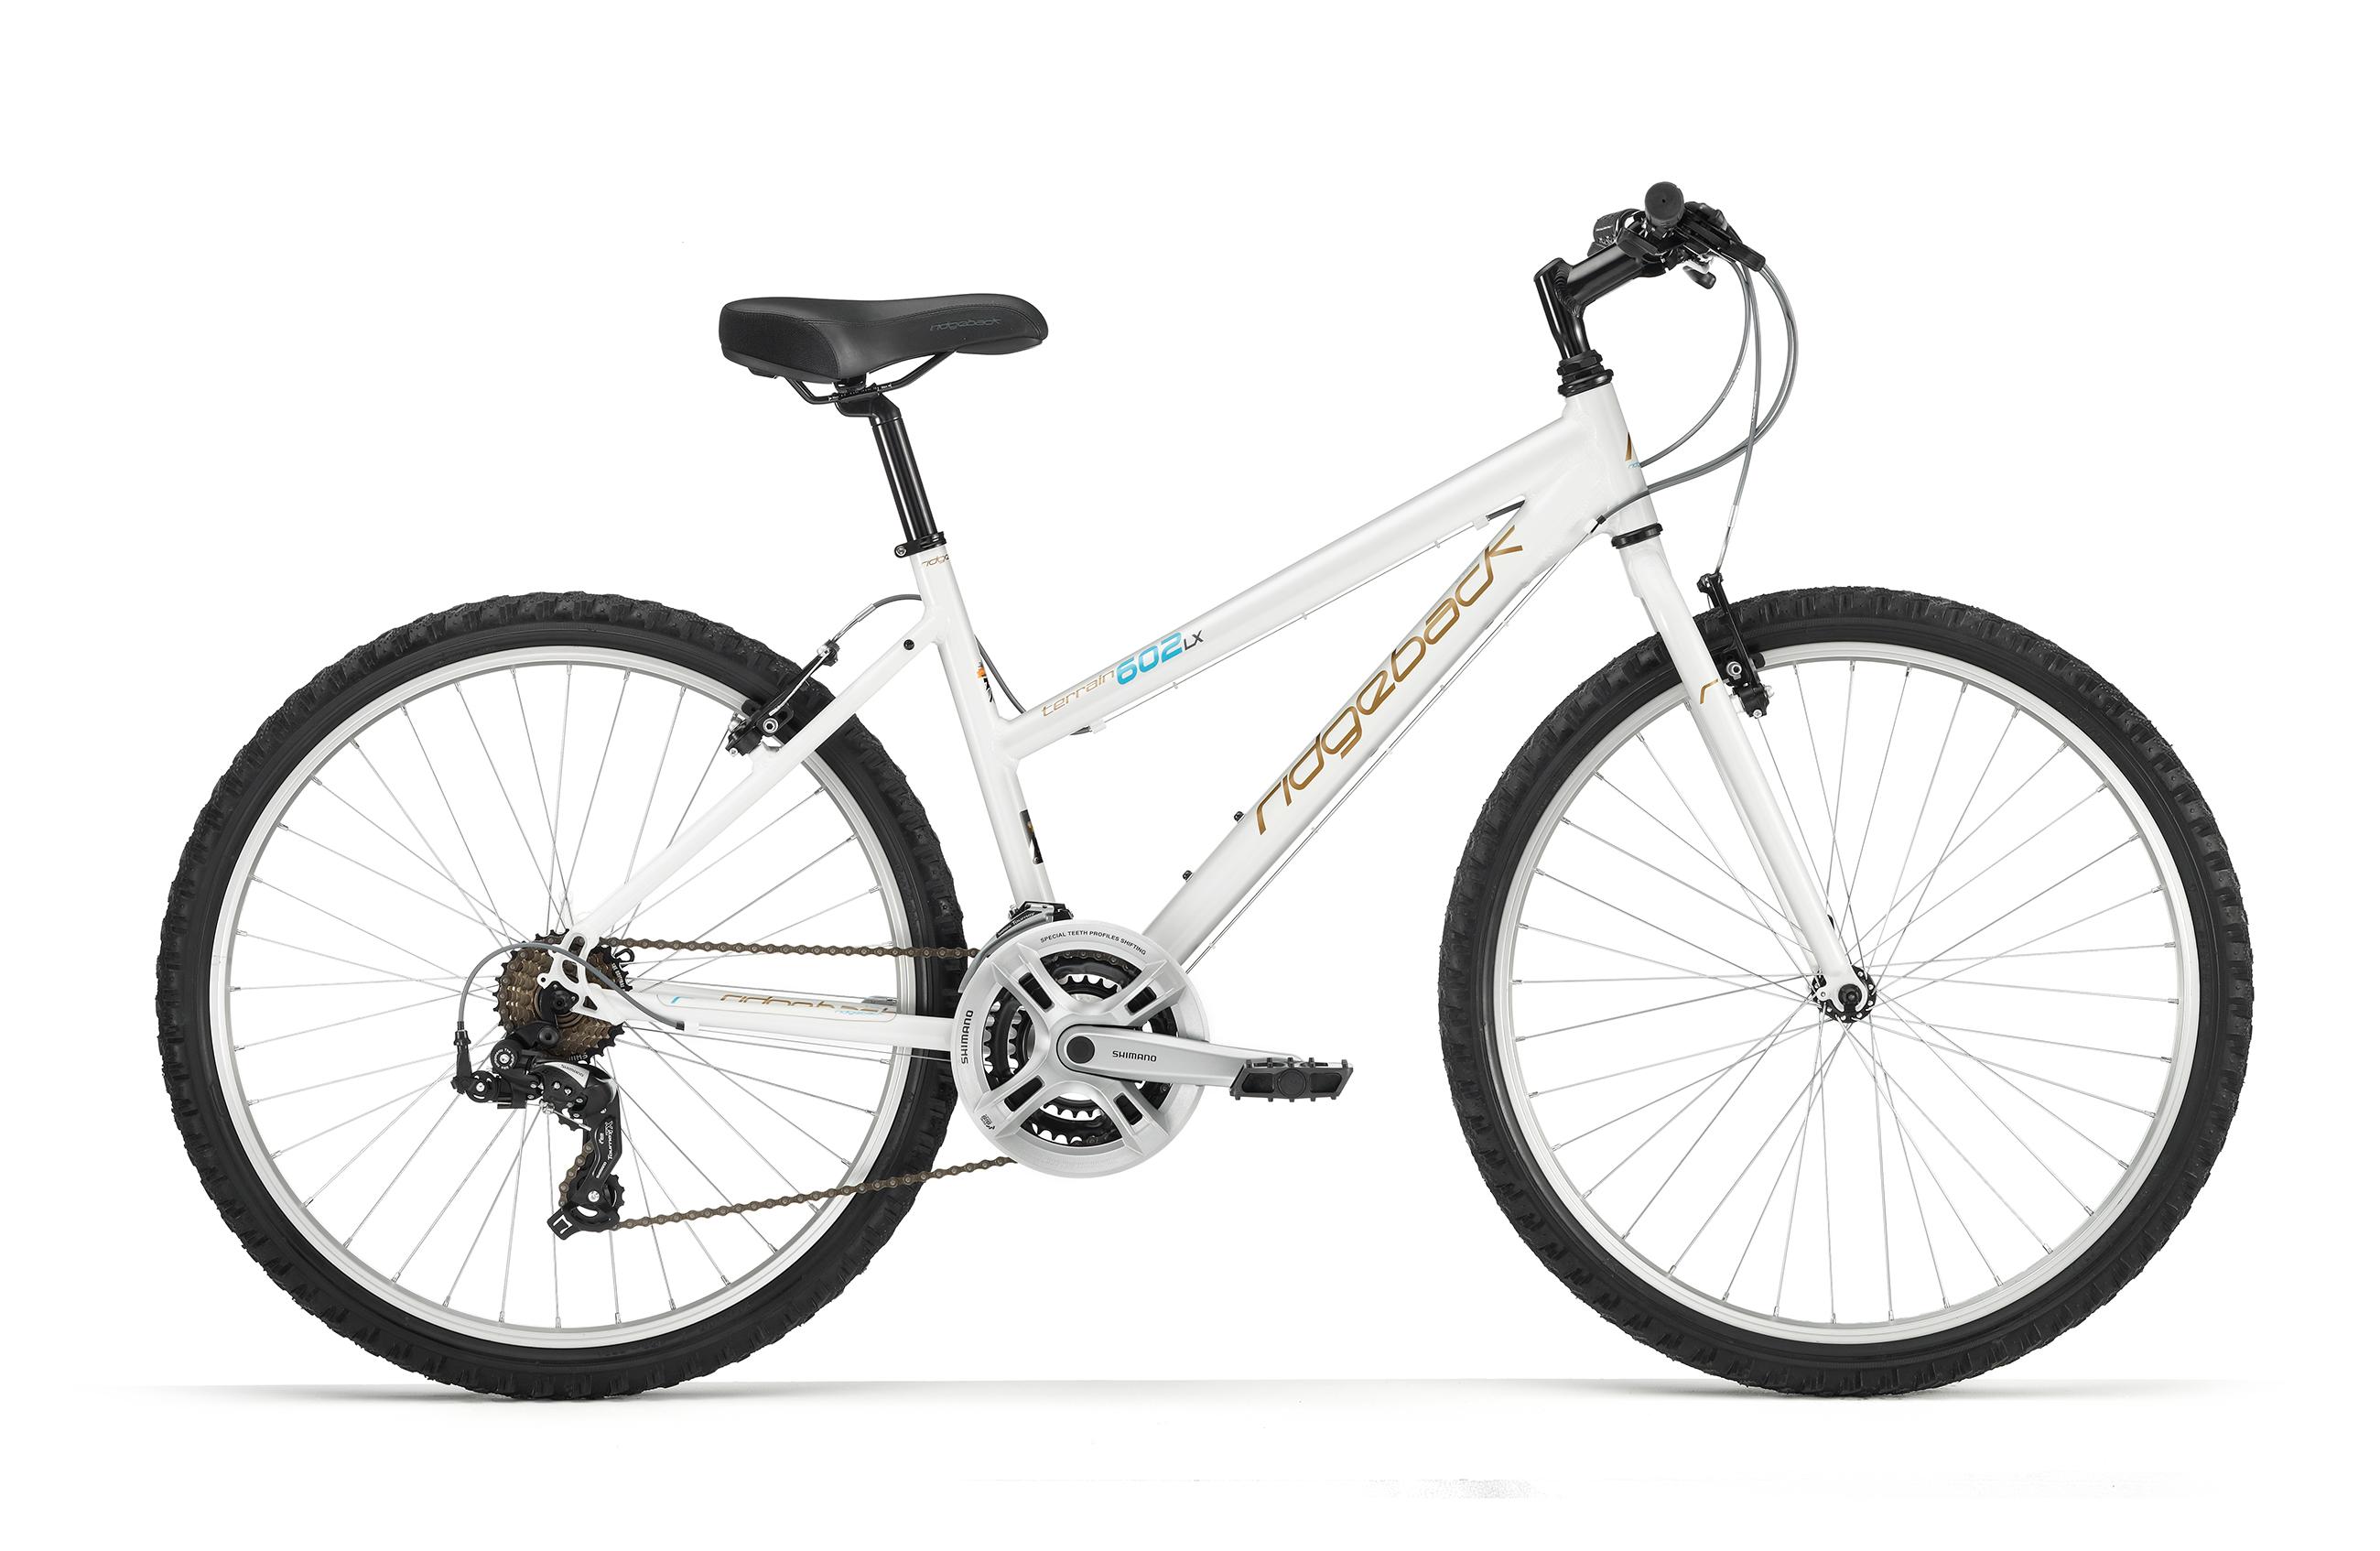 Ridgeback Mountain Bikes 2014